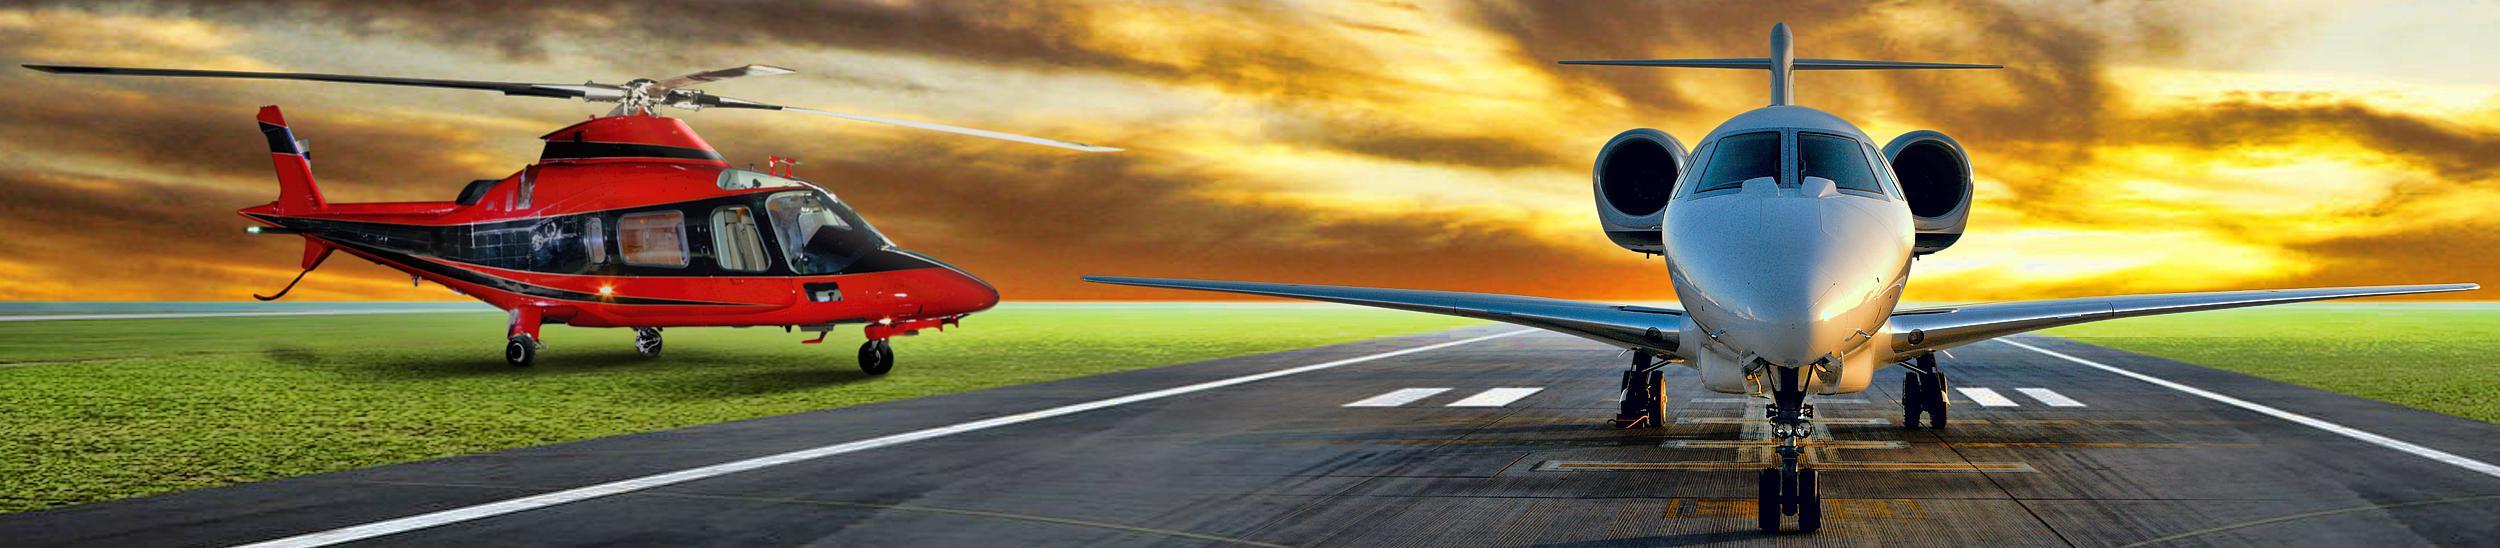 Jet Privato Bologna : Guglielmo marconi airport bologna immagini guglielmo marconi